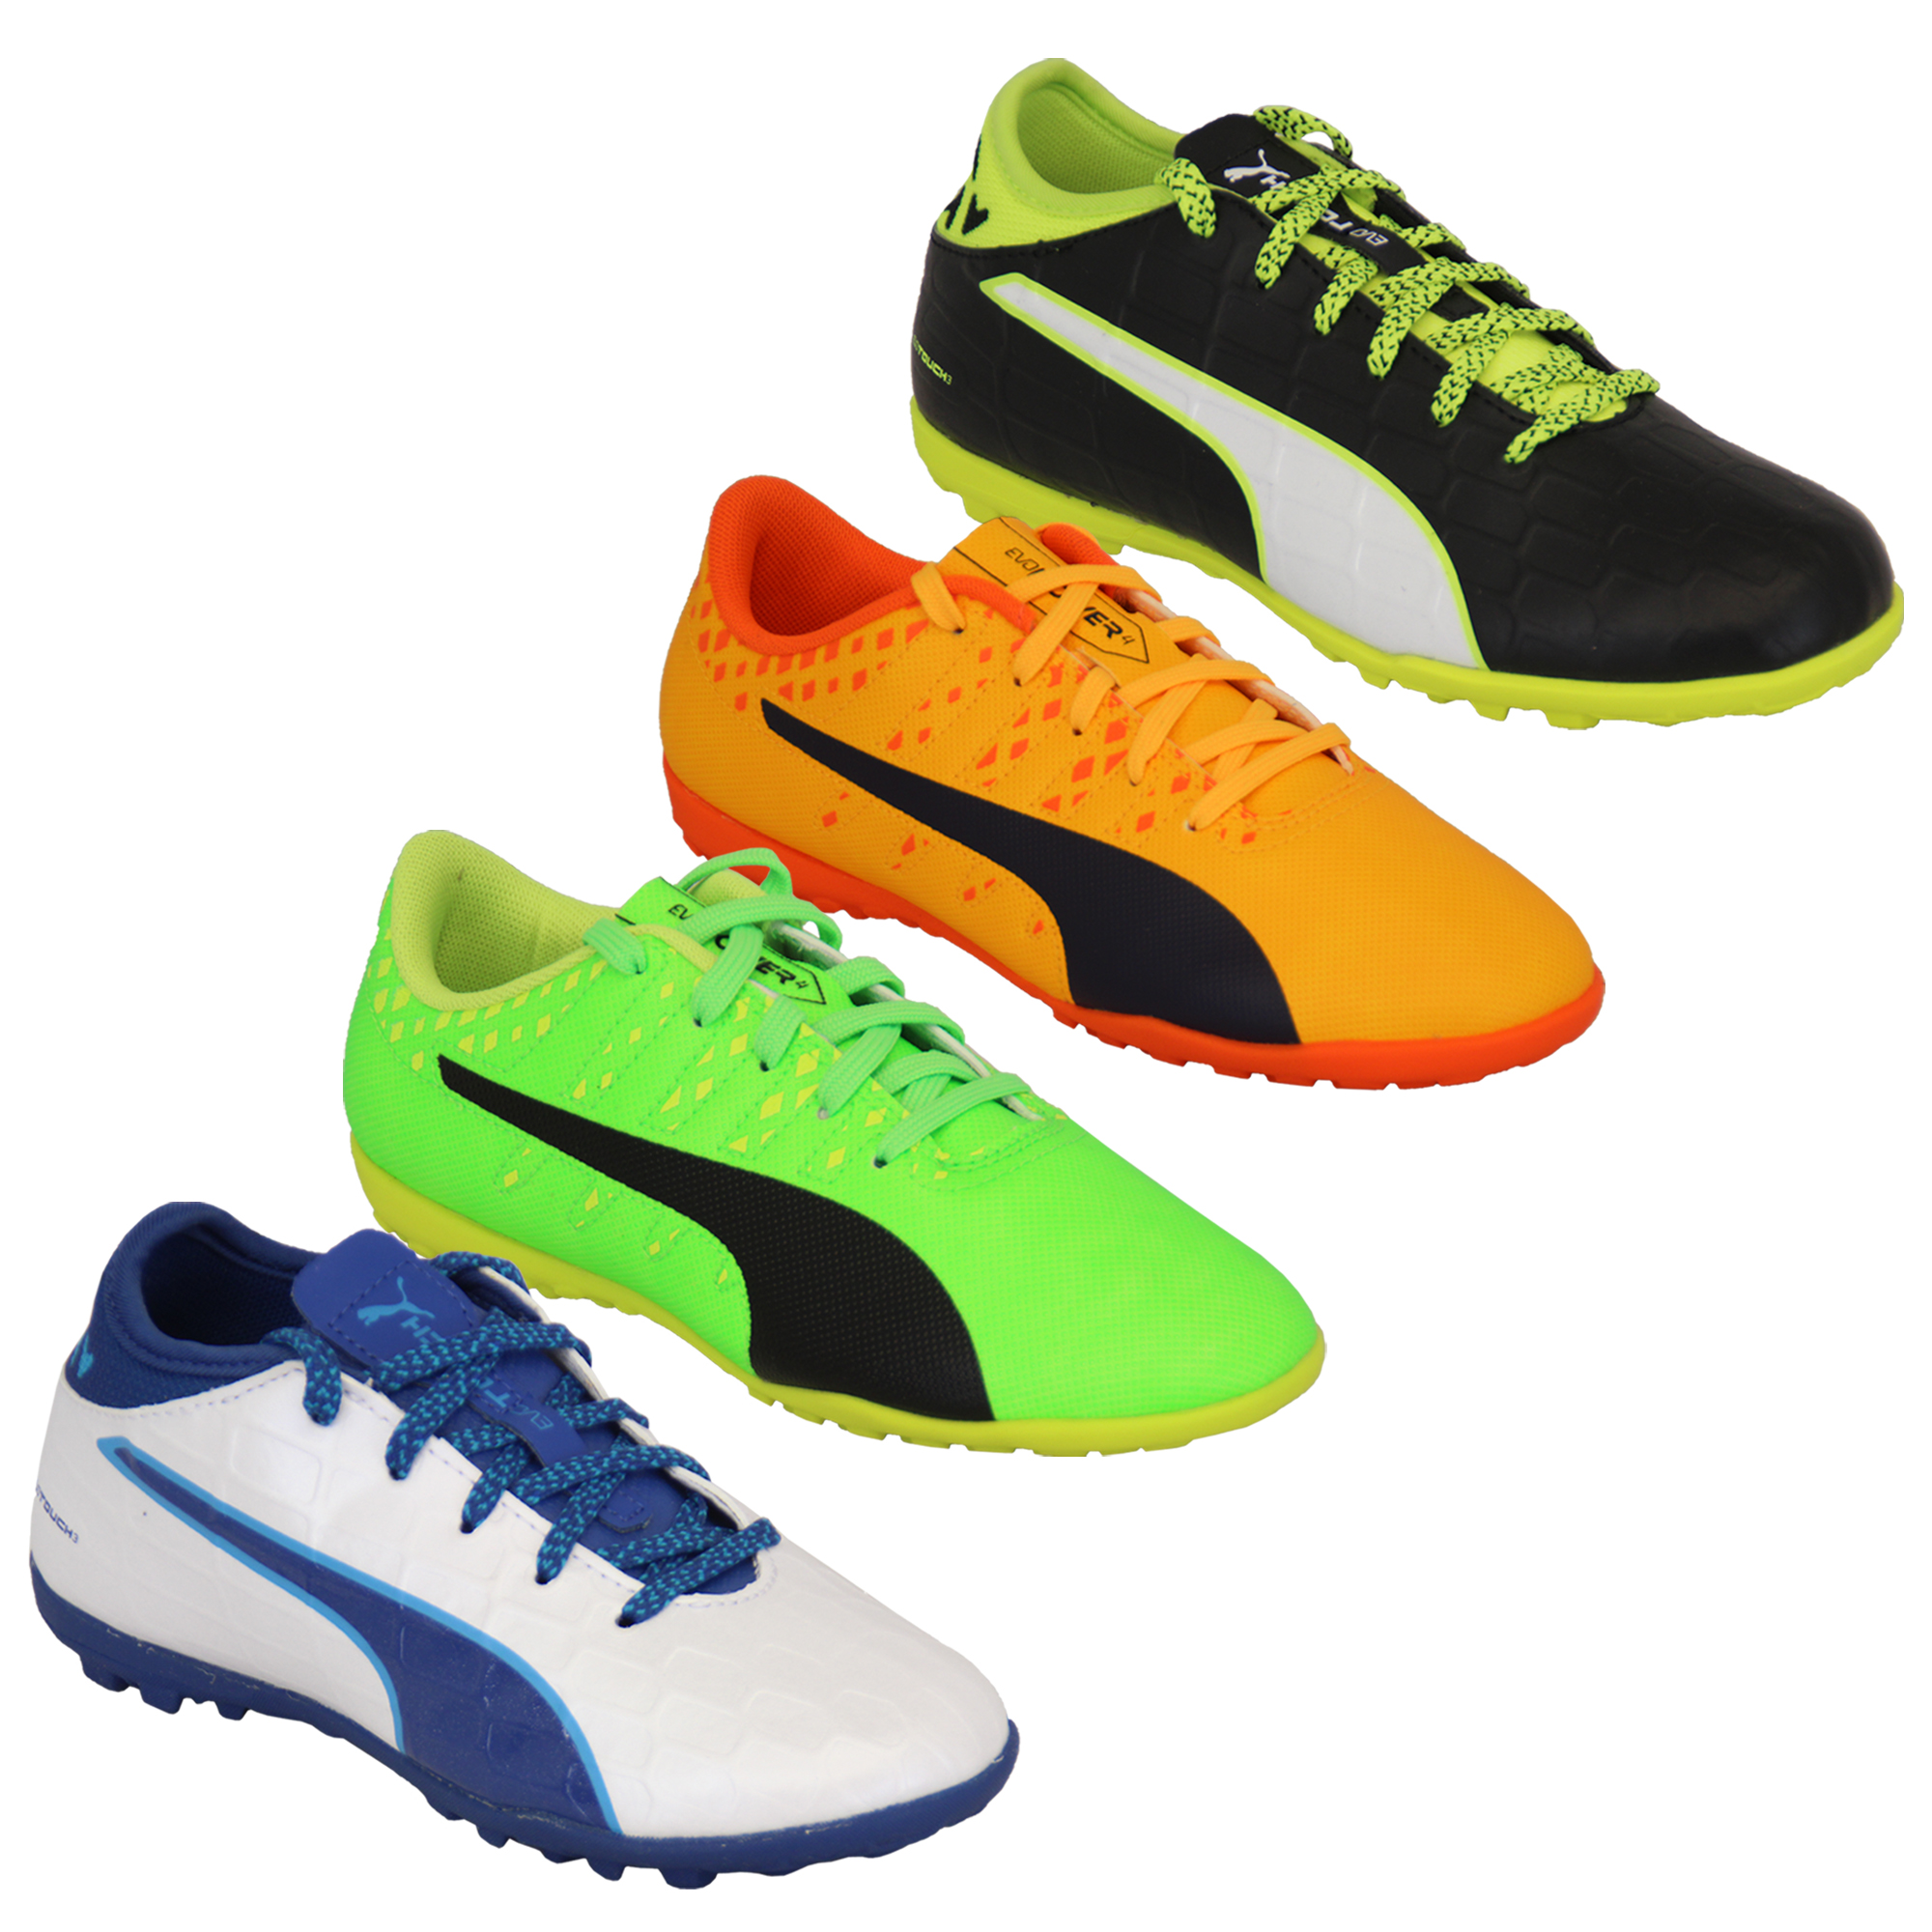 Touch Boots Sportive Evo Ragazzi Puma Power Astro Scarpe Turf Calcio Bambini Da TqxvCw8T